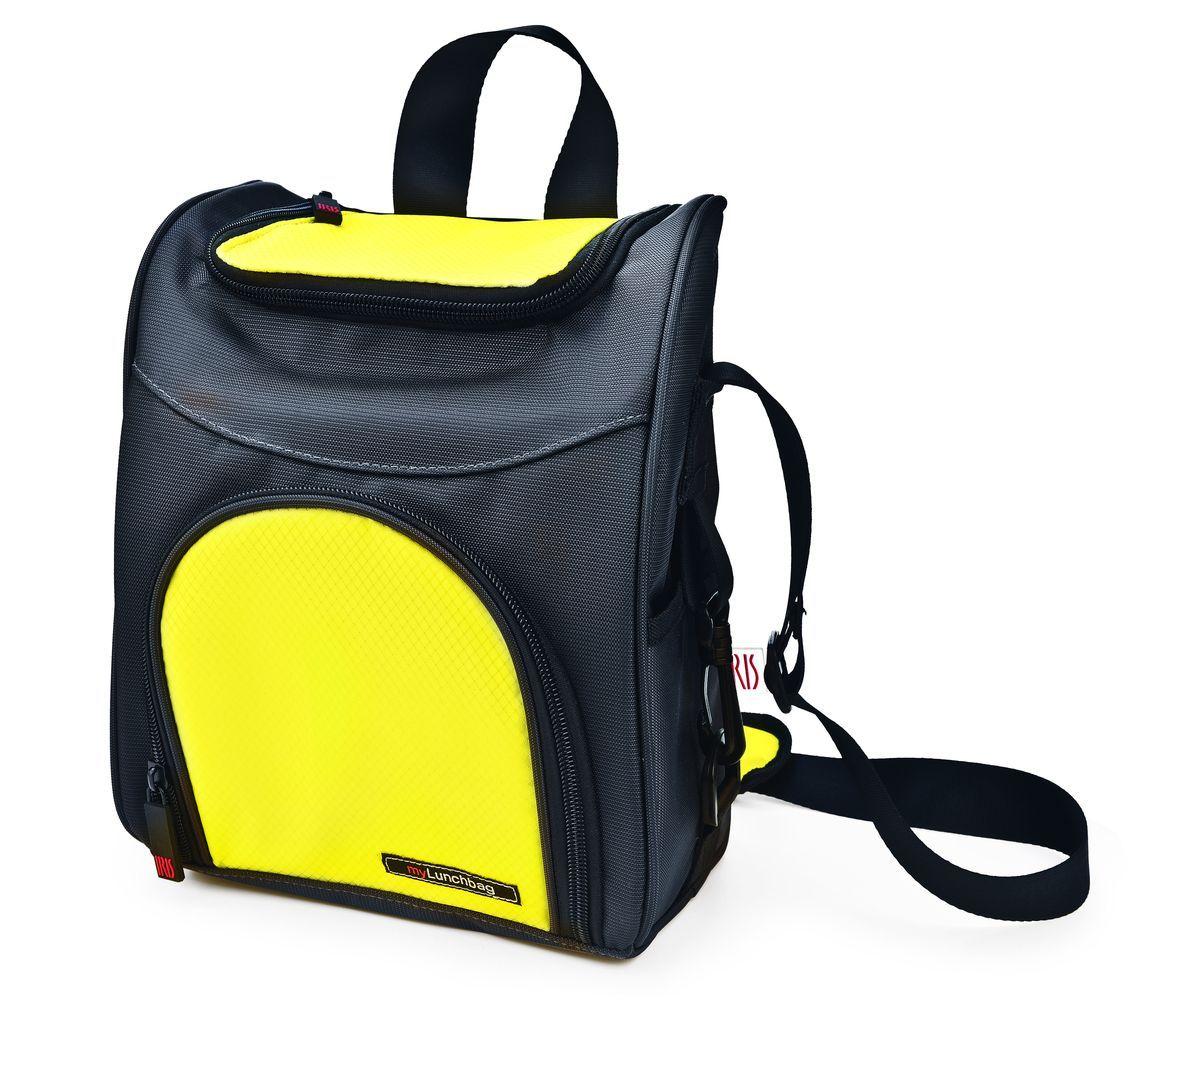 Терморюкзак для ланч-бокса Iris Barcelona Traveller MyLunchbag, цвет: темно-серый, желтый термо ланч бокс iris classic pocket mylunchbag без контейнеров цвет черный